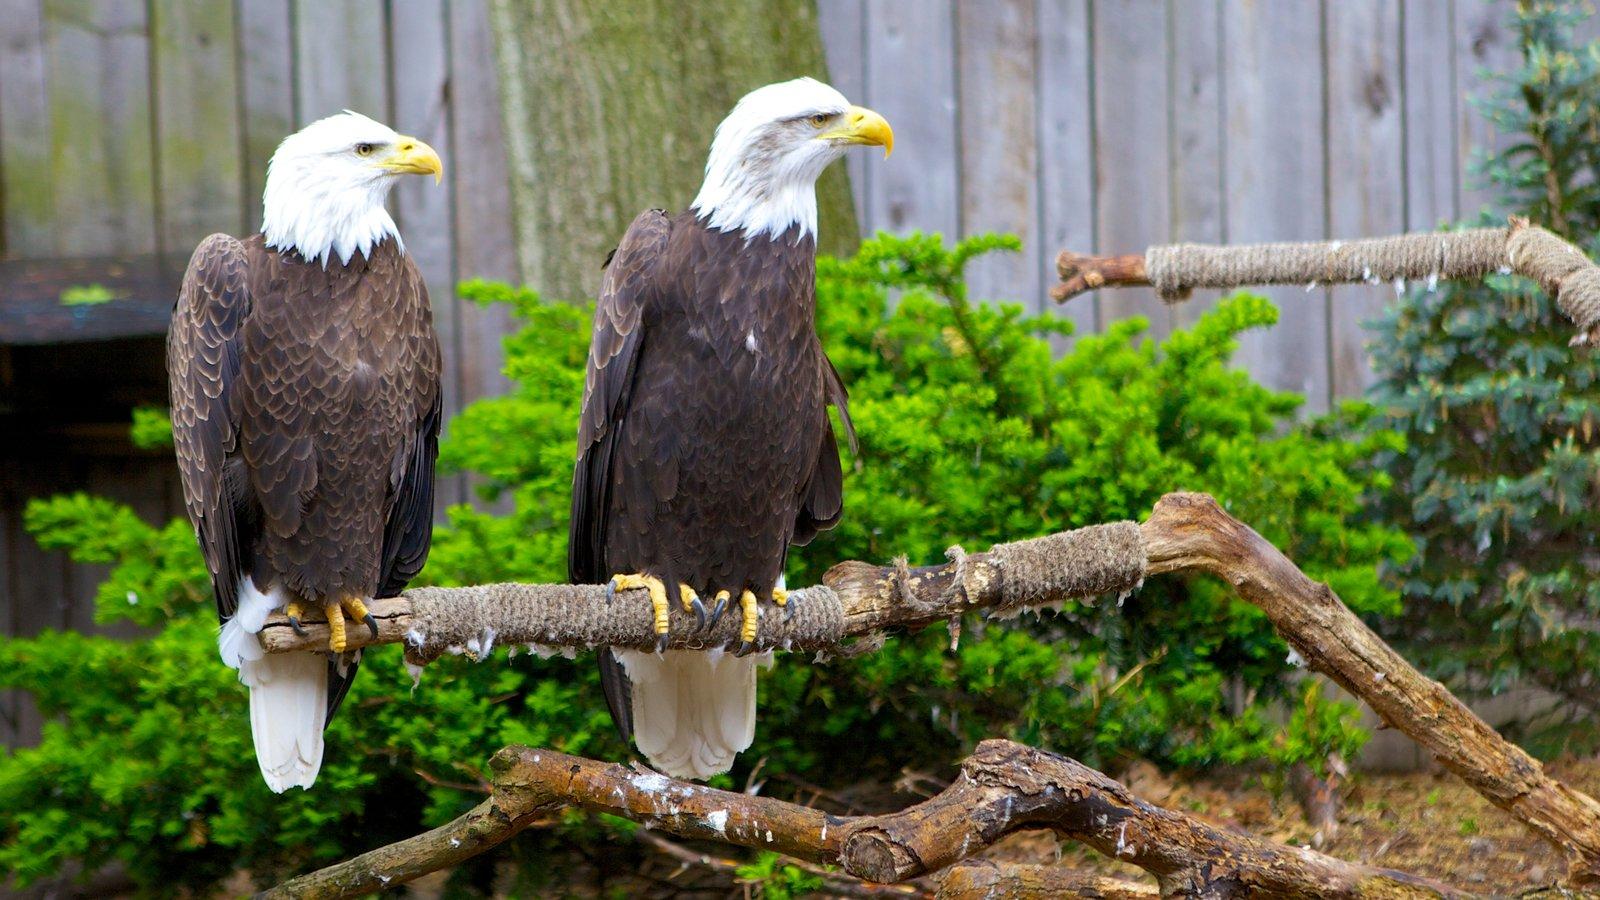 National Aviary que inclui vida das aves e animais de zoológico